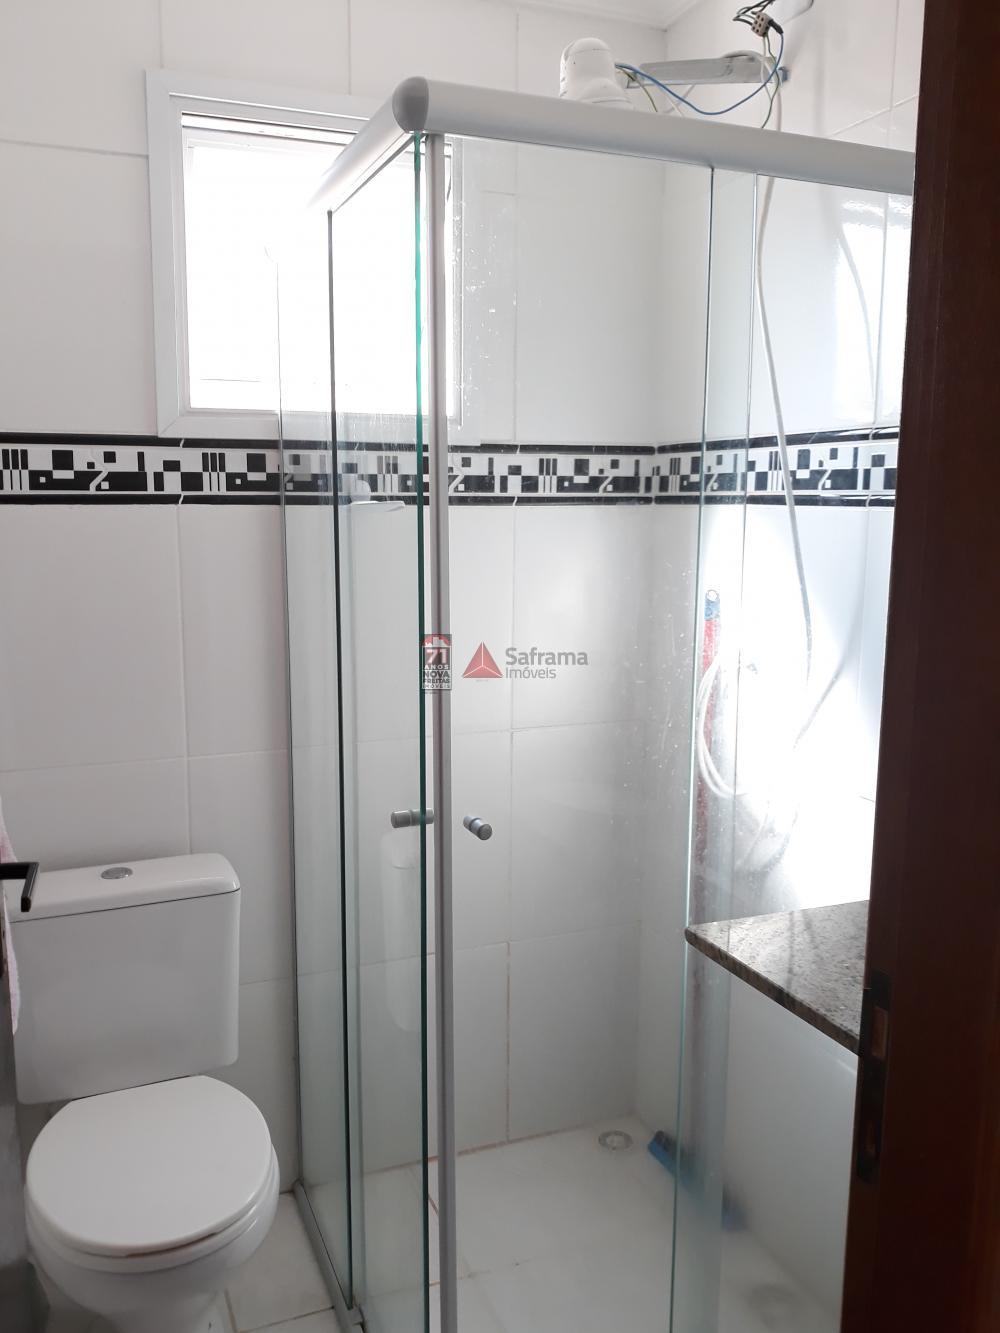 Comprar Apartamento / Padrão em São José dos Campos apenas R$ 300.000,00 - Foto 19